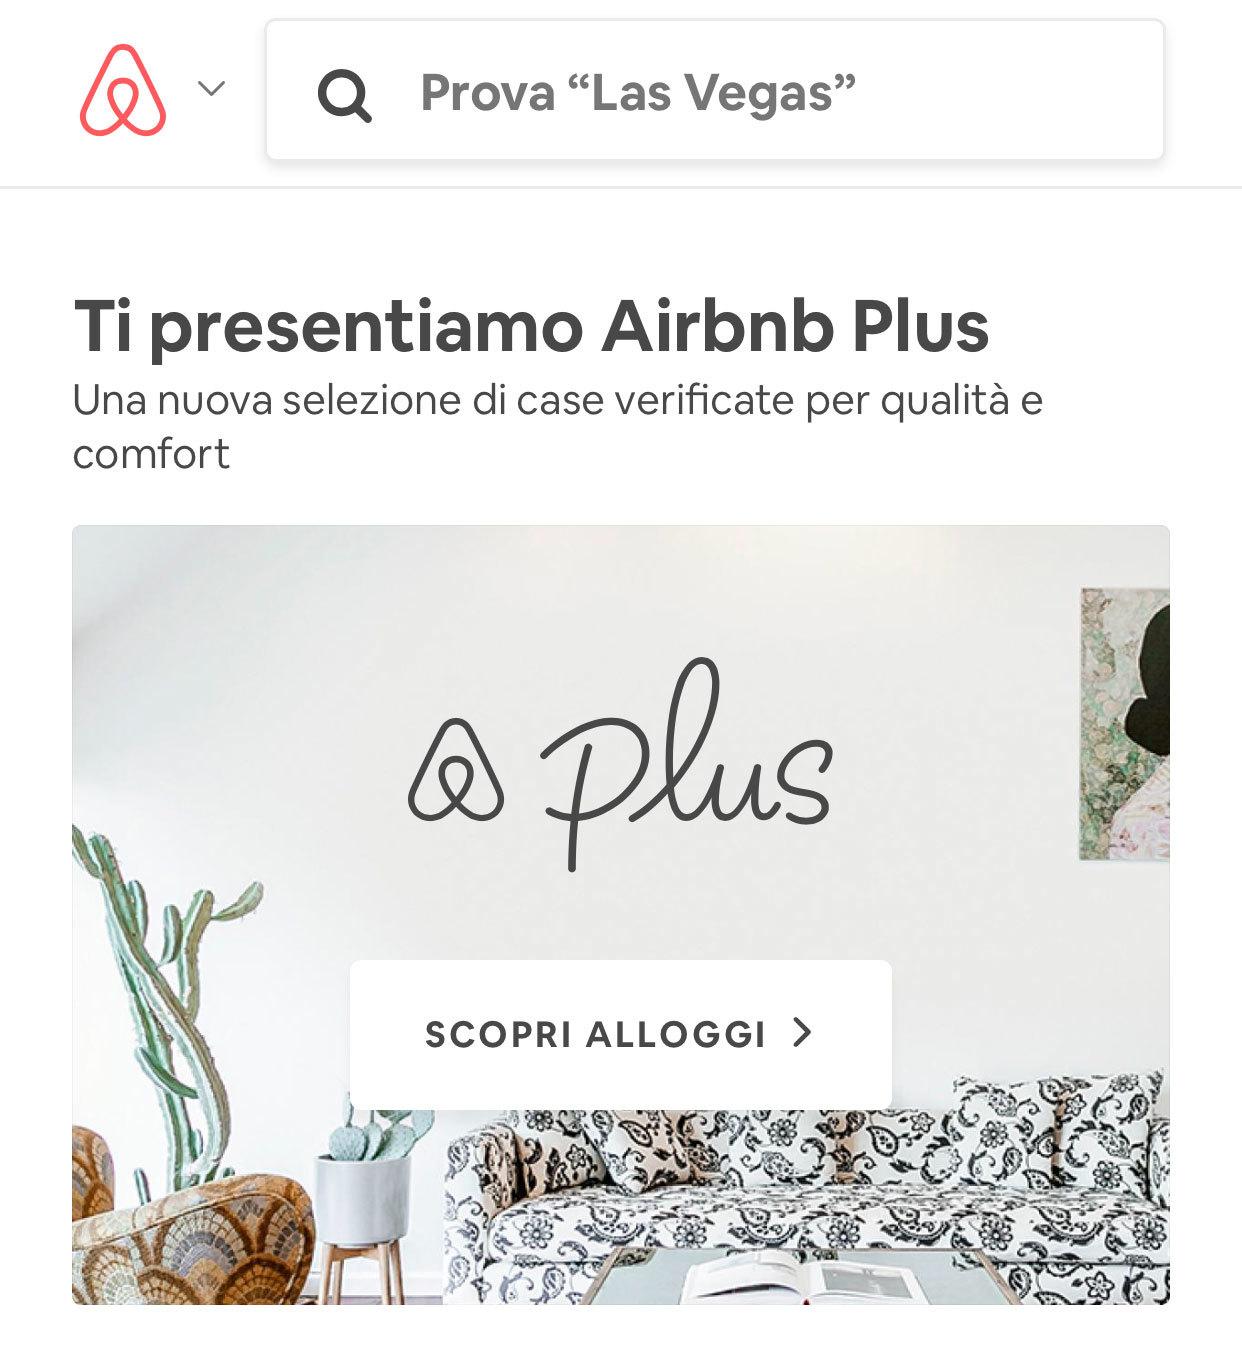 Esempi utili di microcopy: il motore di ricerca di Airbnb